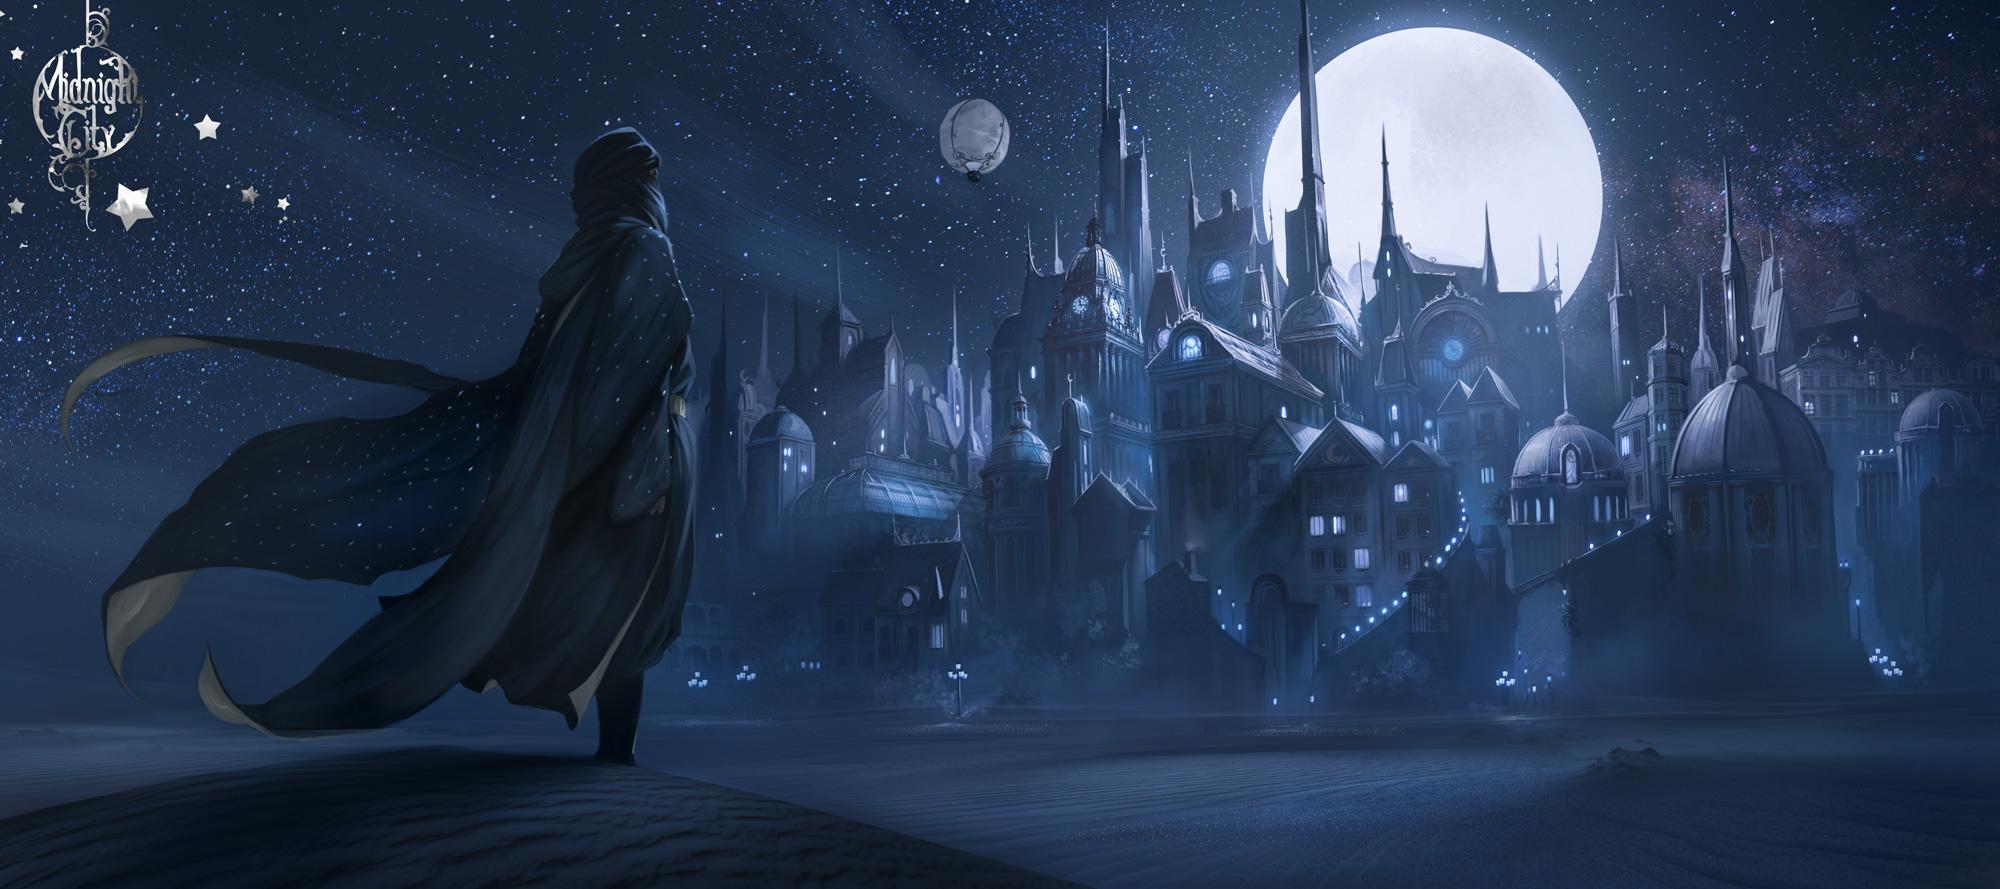 Ilustration montrant le marchand de sable devant la Cité de Minuit